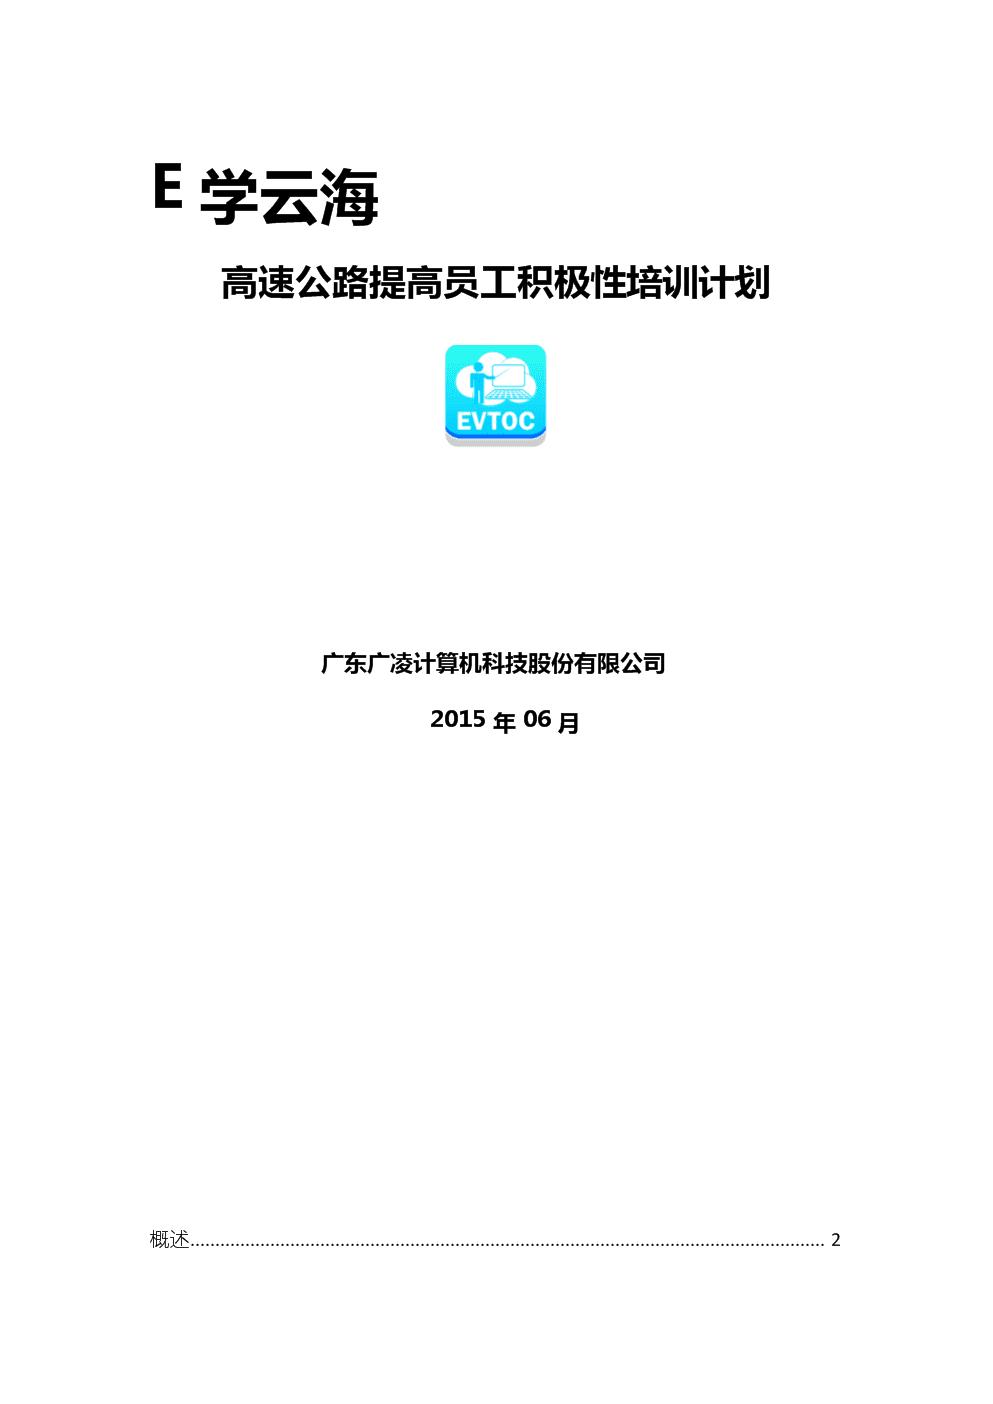 高速公路提高员工积极性培训计划(E学云海在线平台辅助法).doc